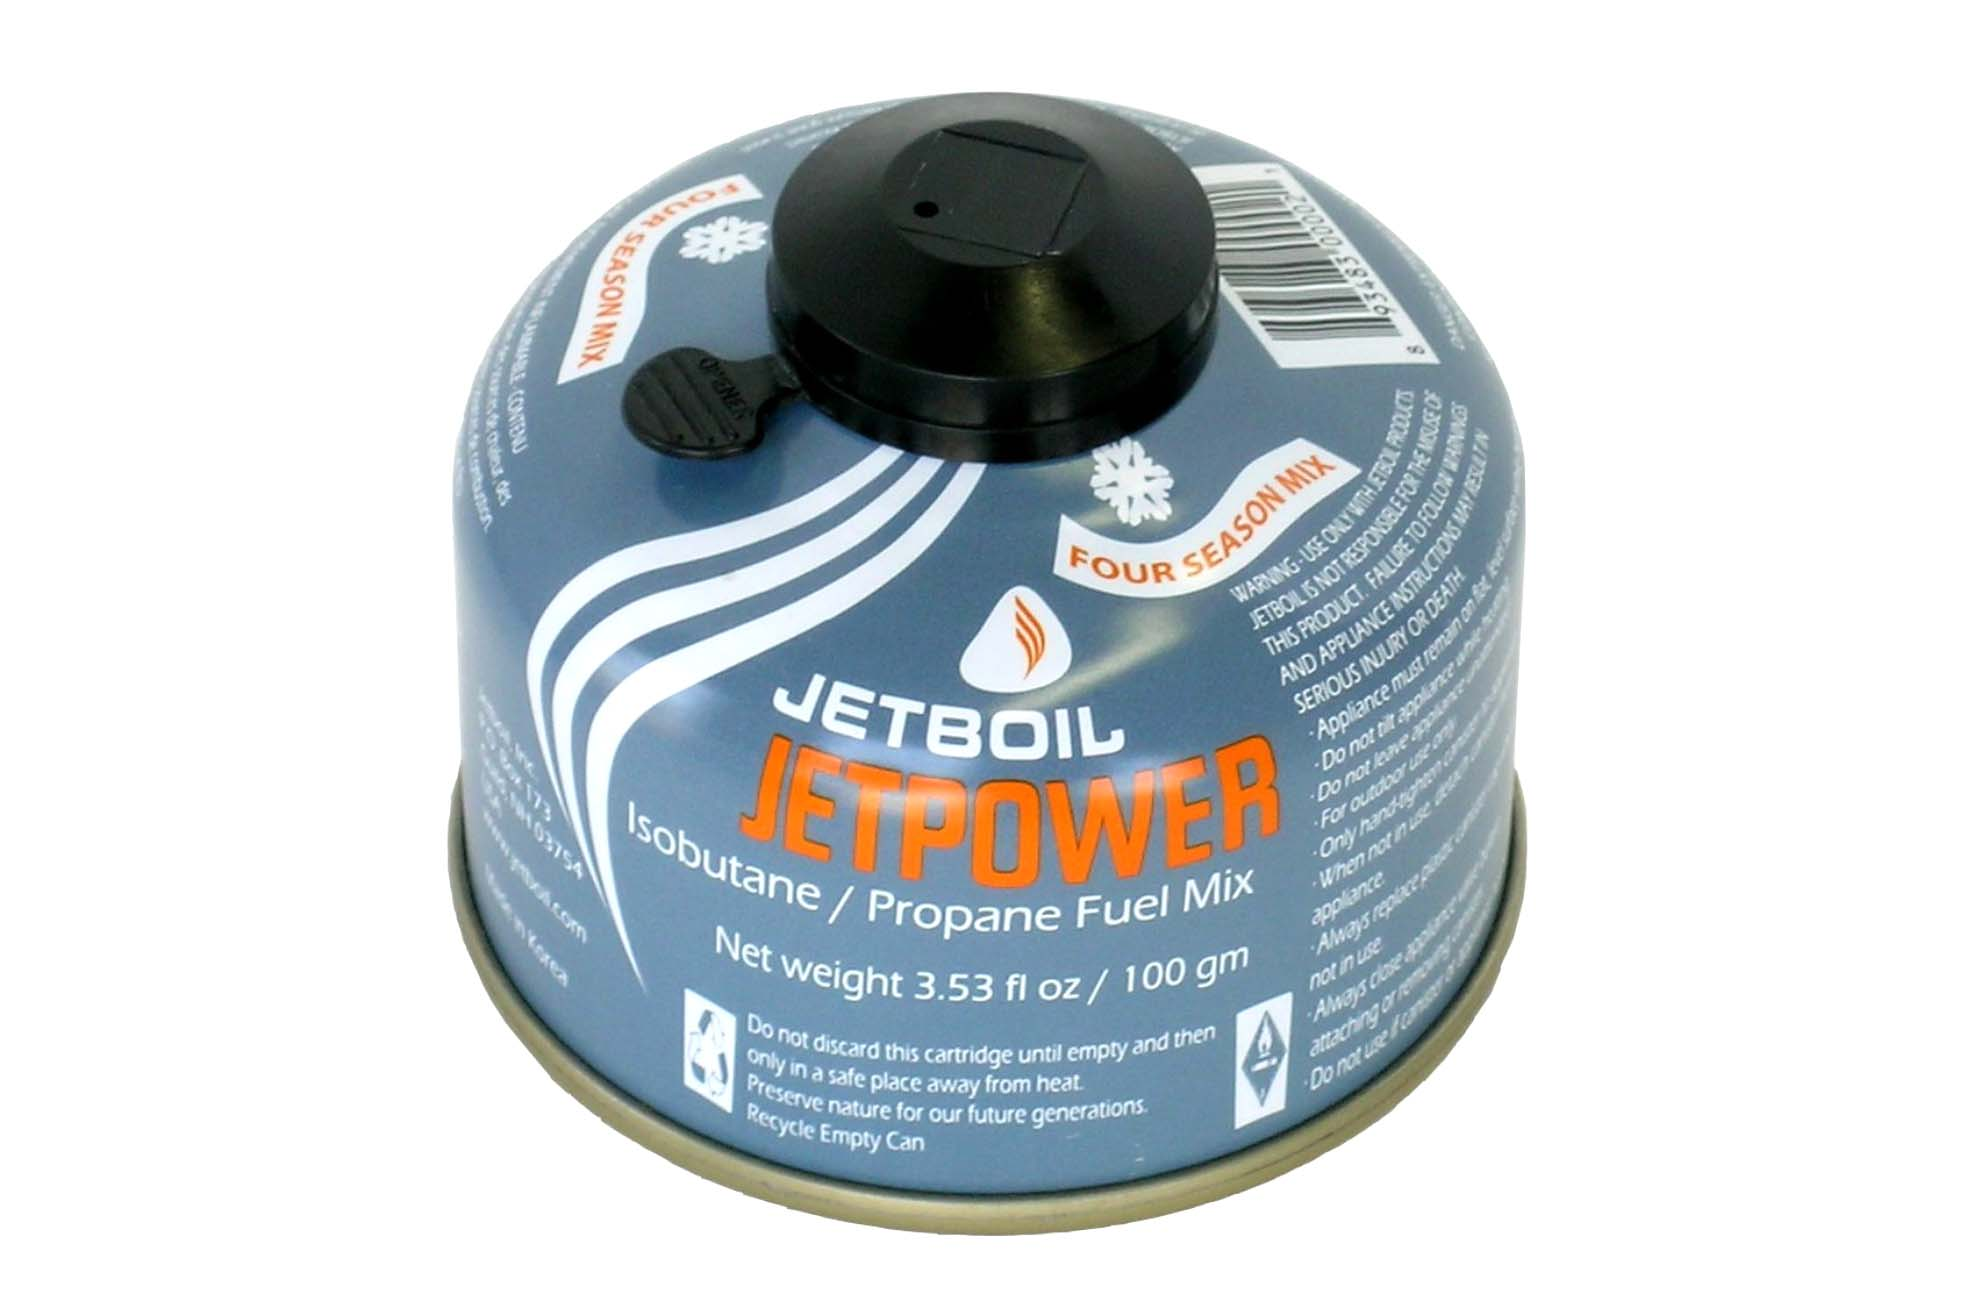 Stove Fuel - Propane/ Isobutane 4 blend - 4.5 stars - $16